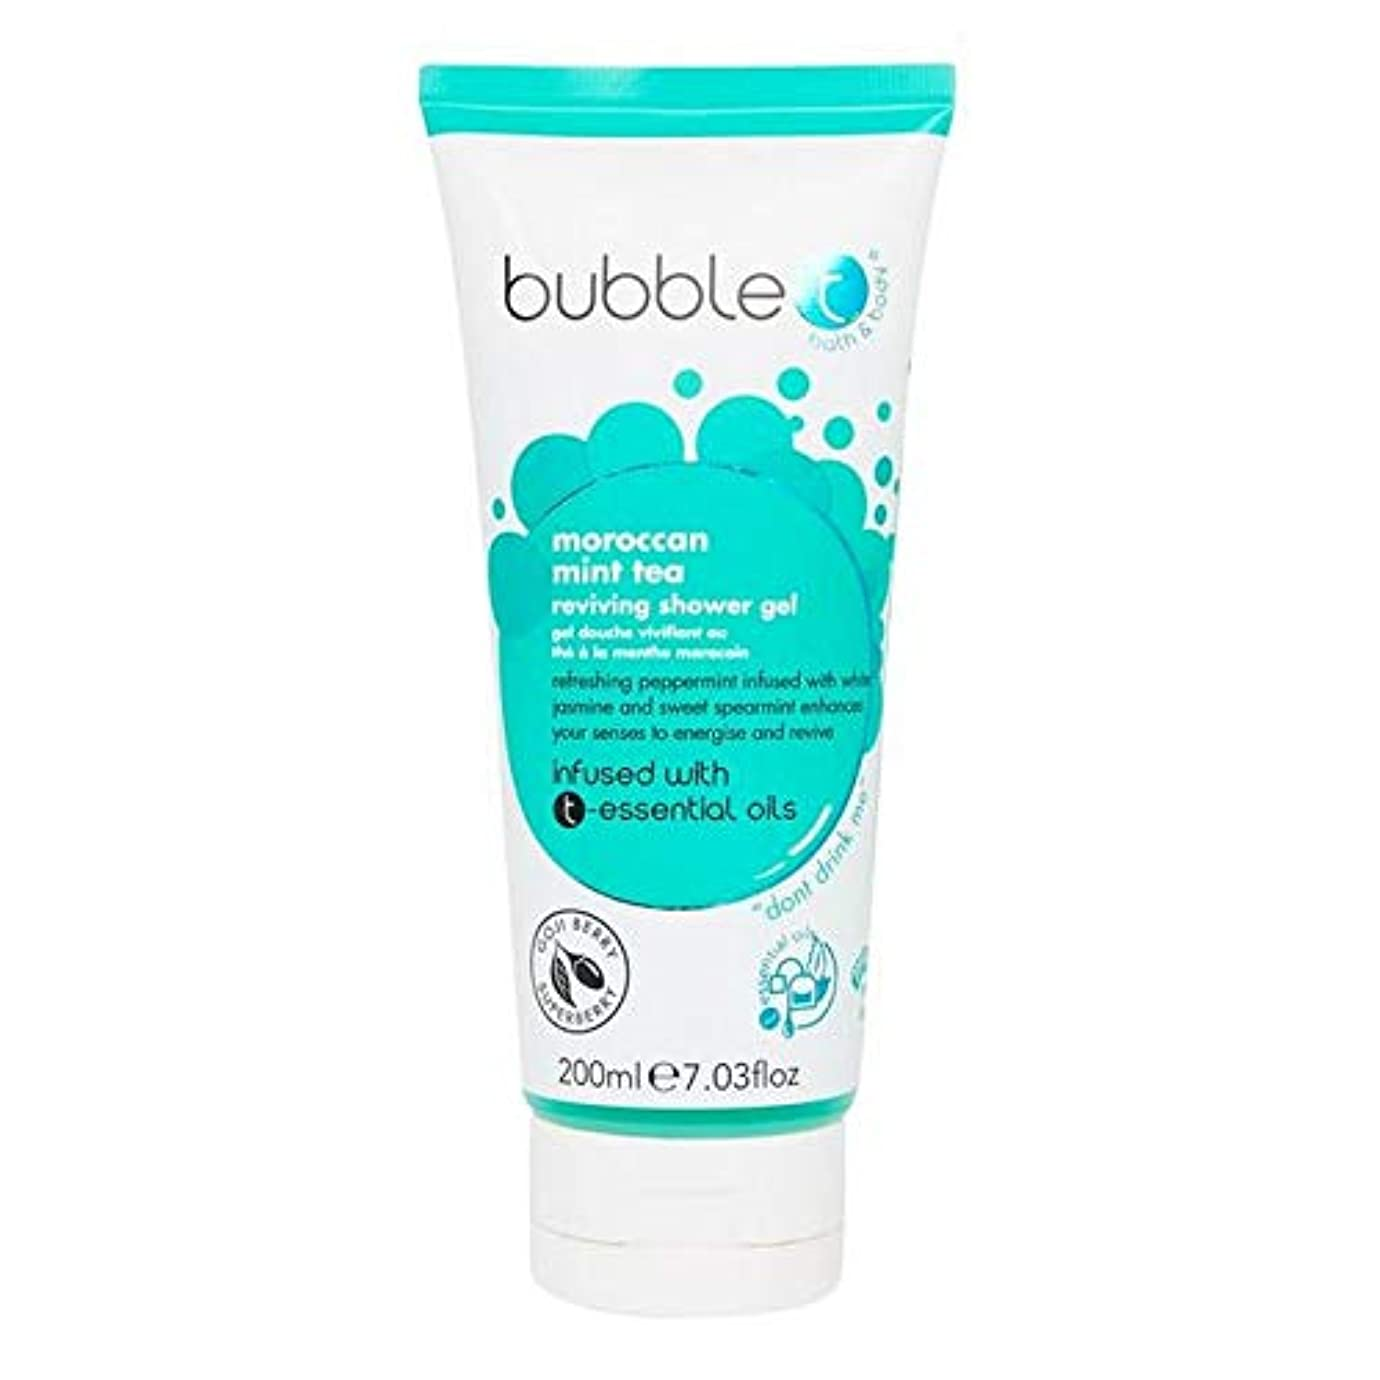 イディオムシルクメタルライン[Bubble T ] バブルトン化粧品シャワージェル、モロッコのミントティーを200ミリリットル - Bubble T Cosmetics Shower Gel, Moroccan Mint Tea 200ml [並行輸入品]